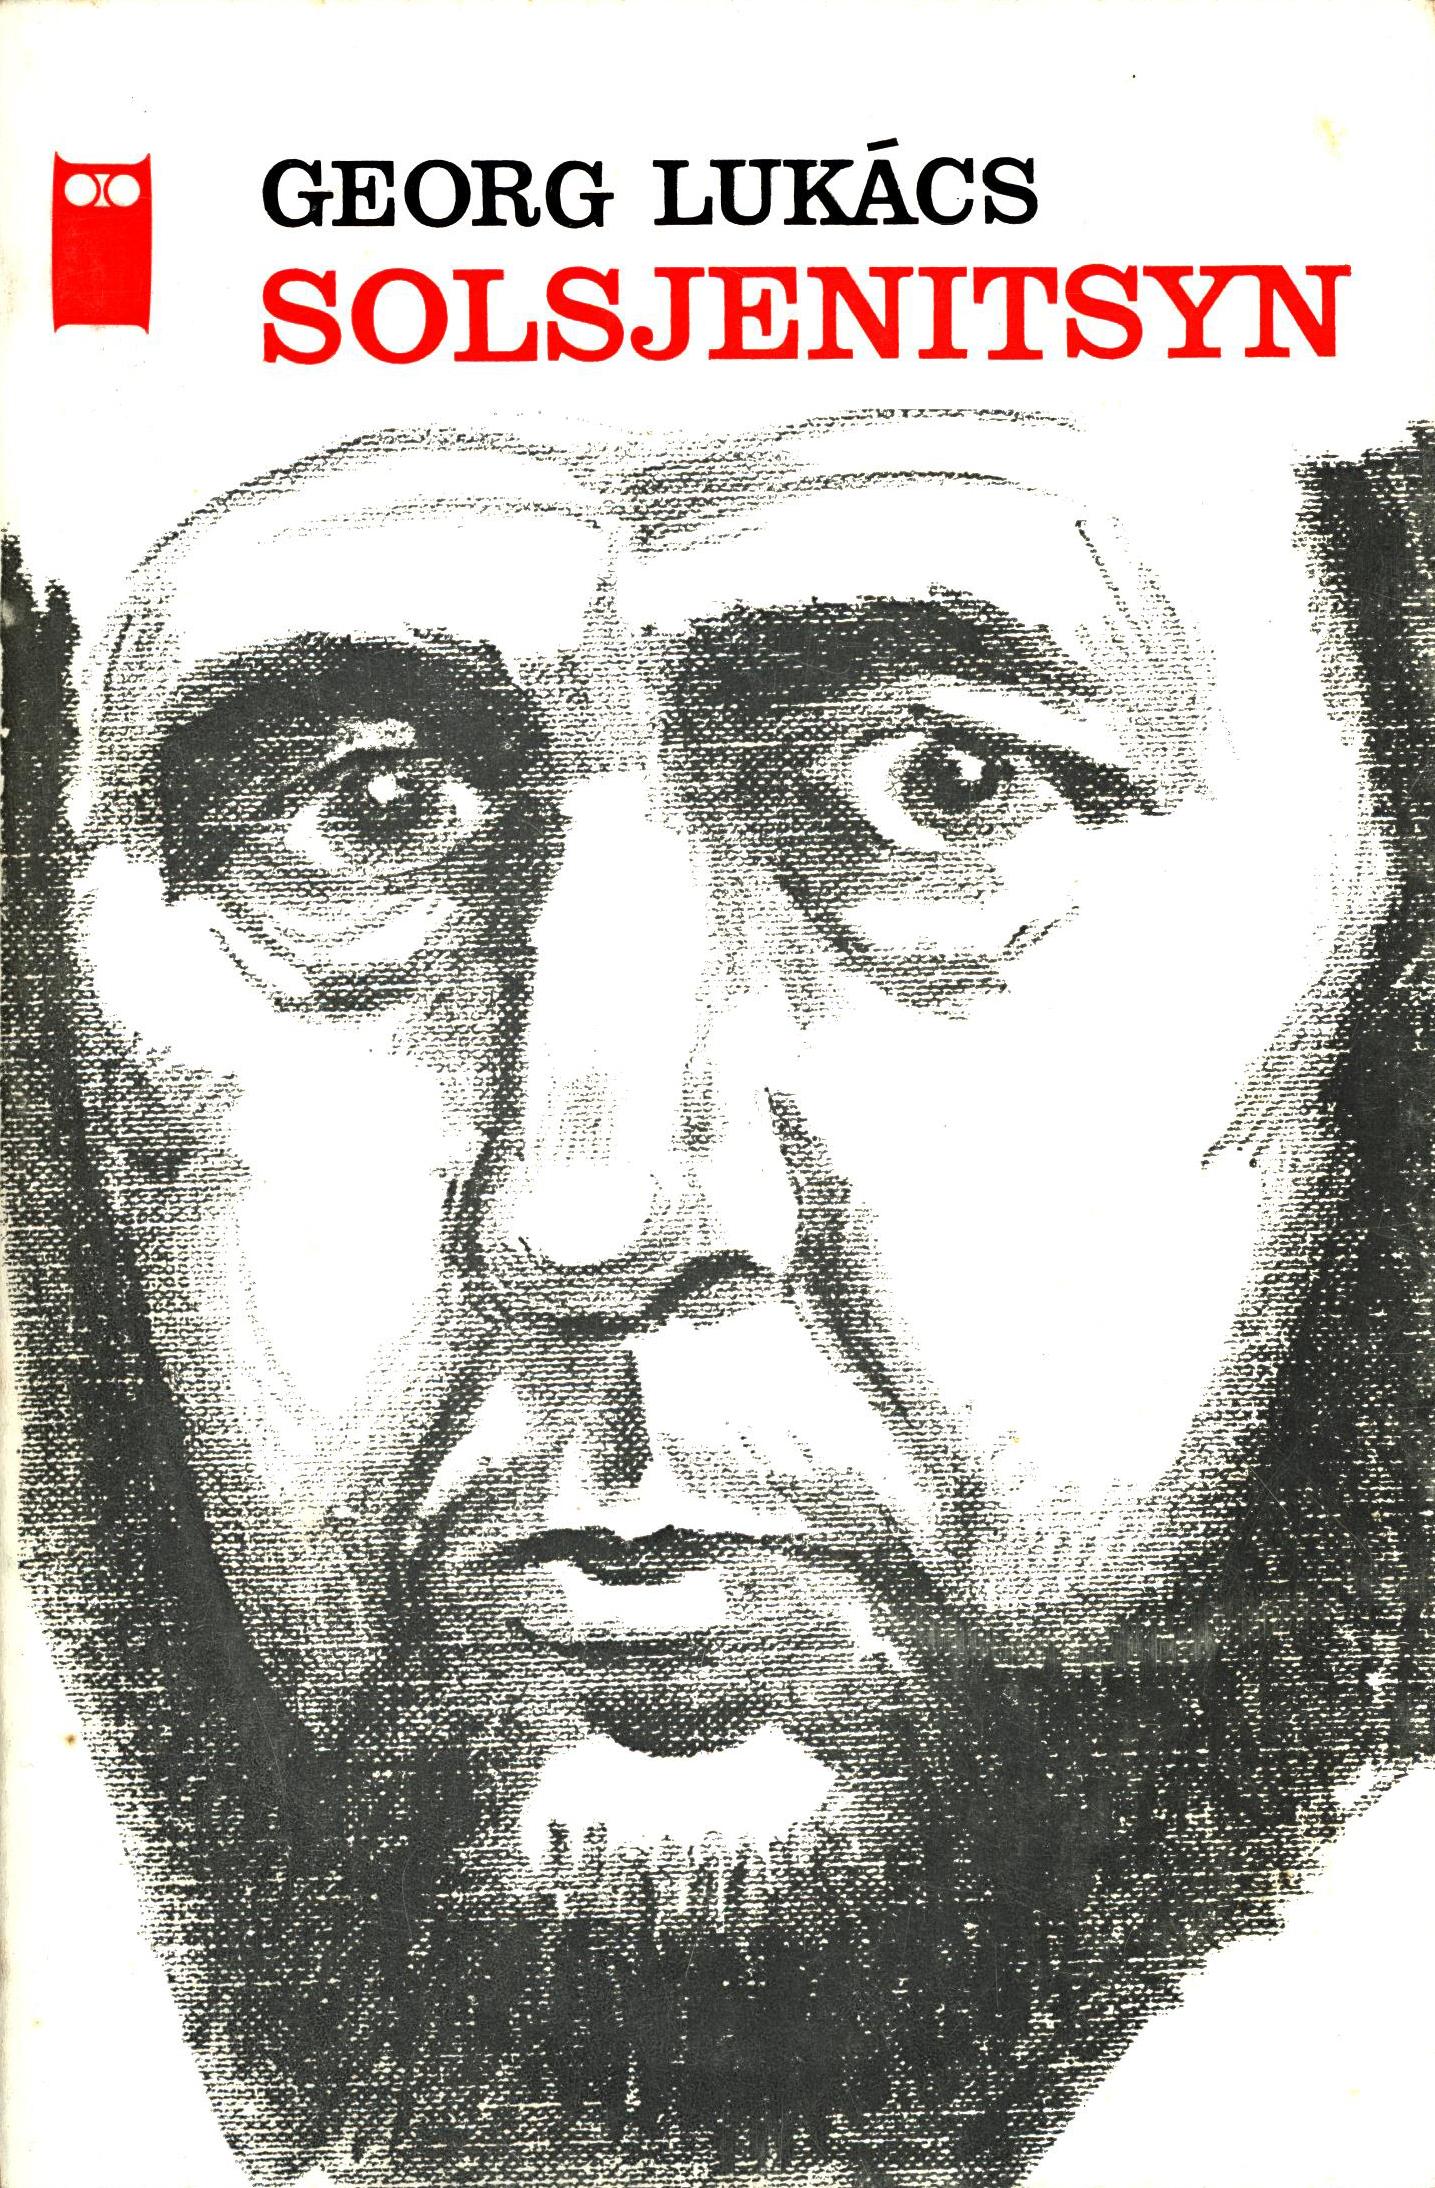 George Lukács: Solsjenitsyn